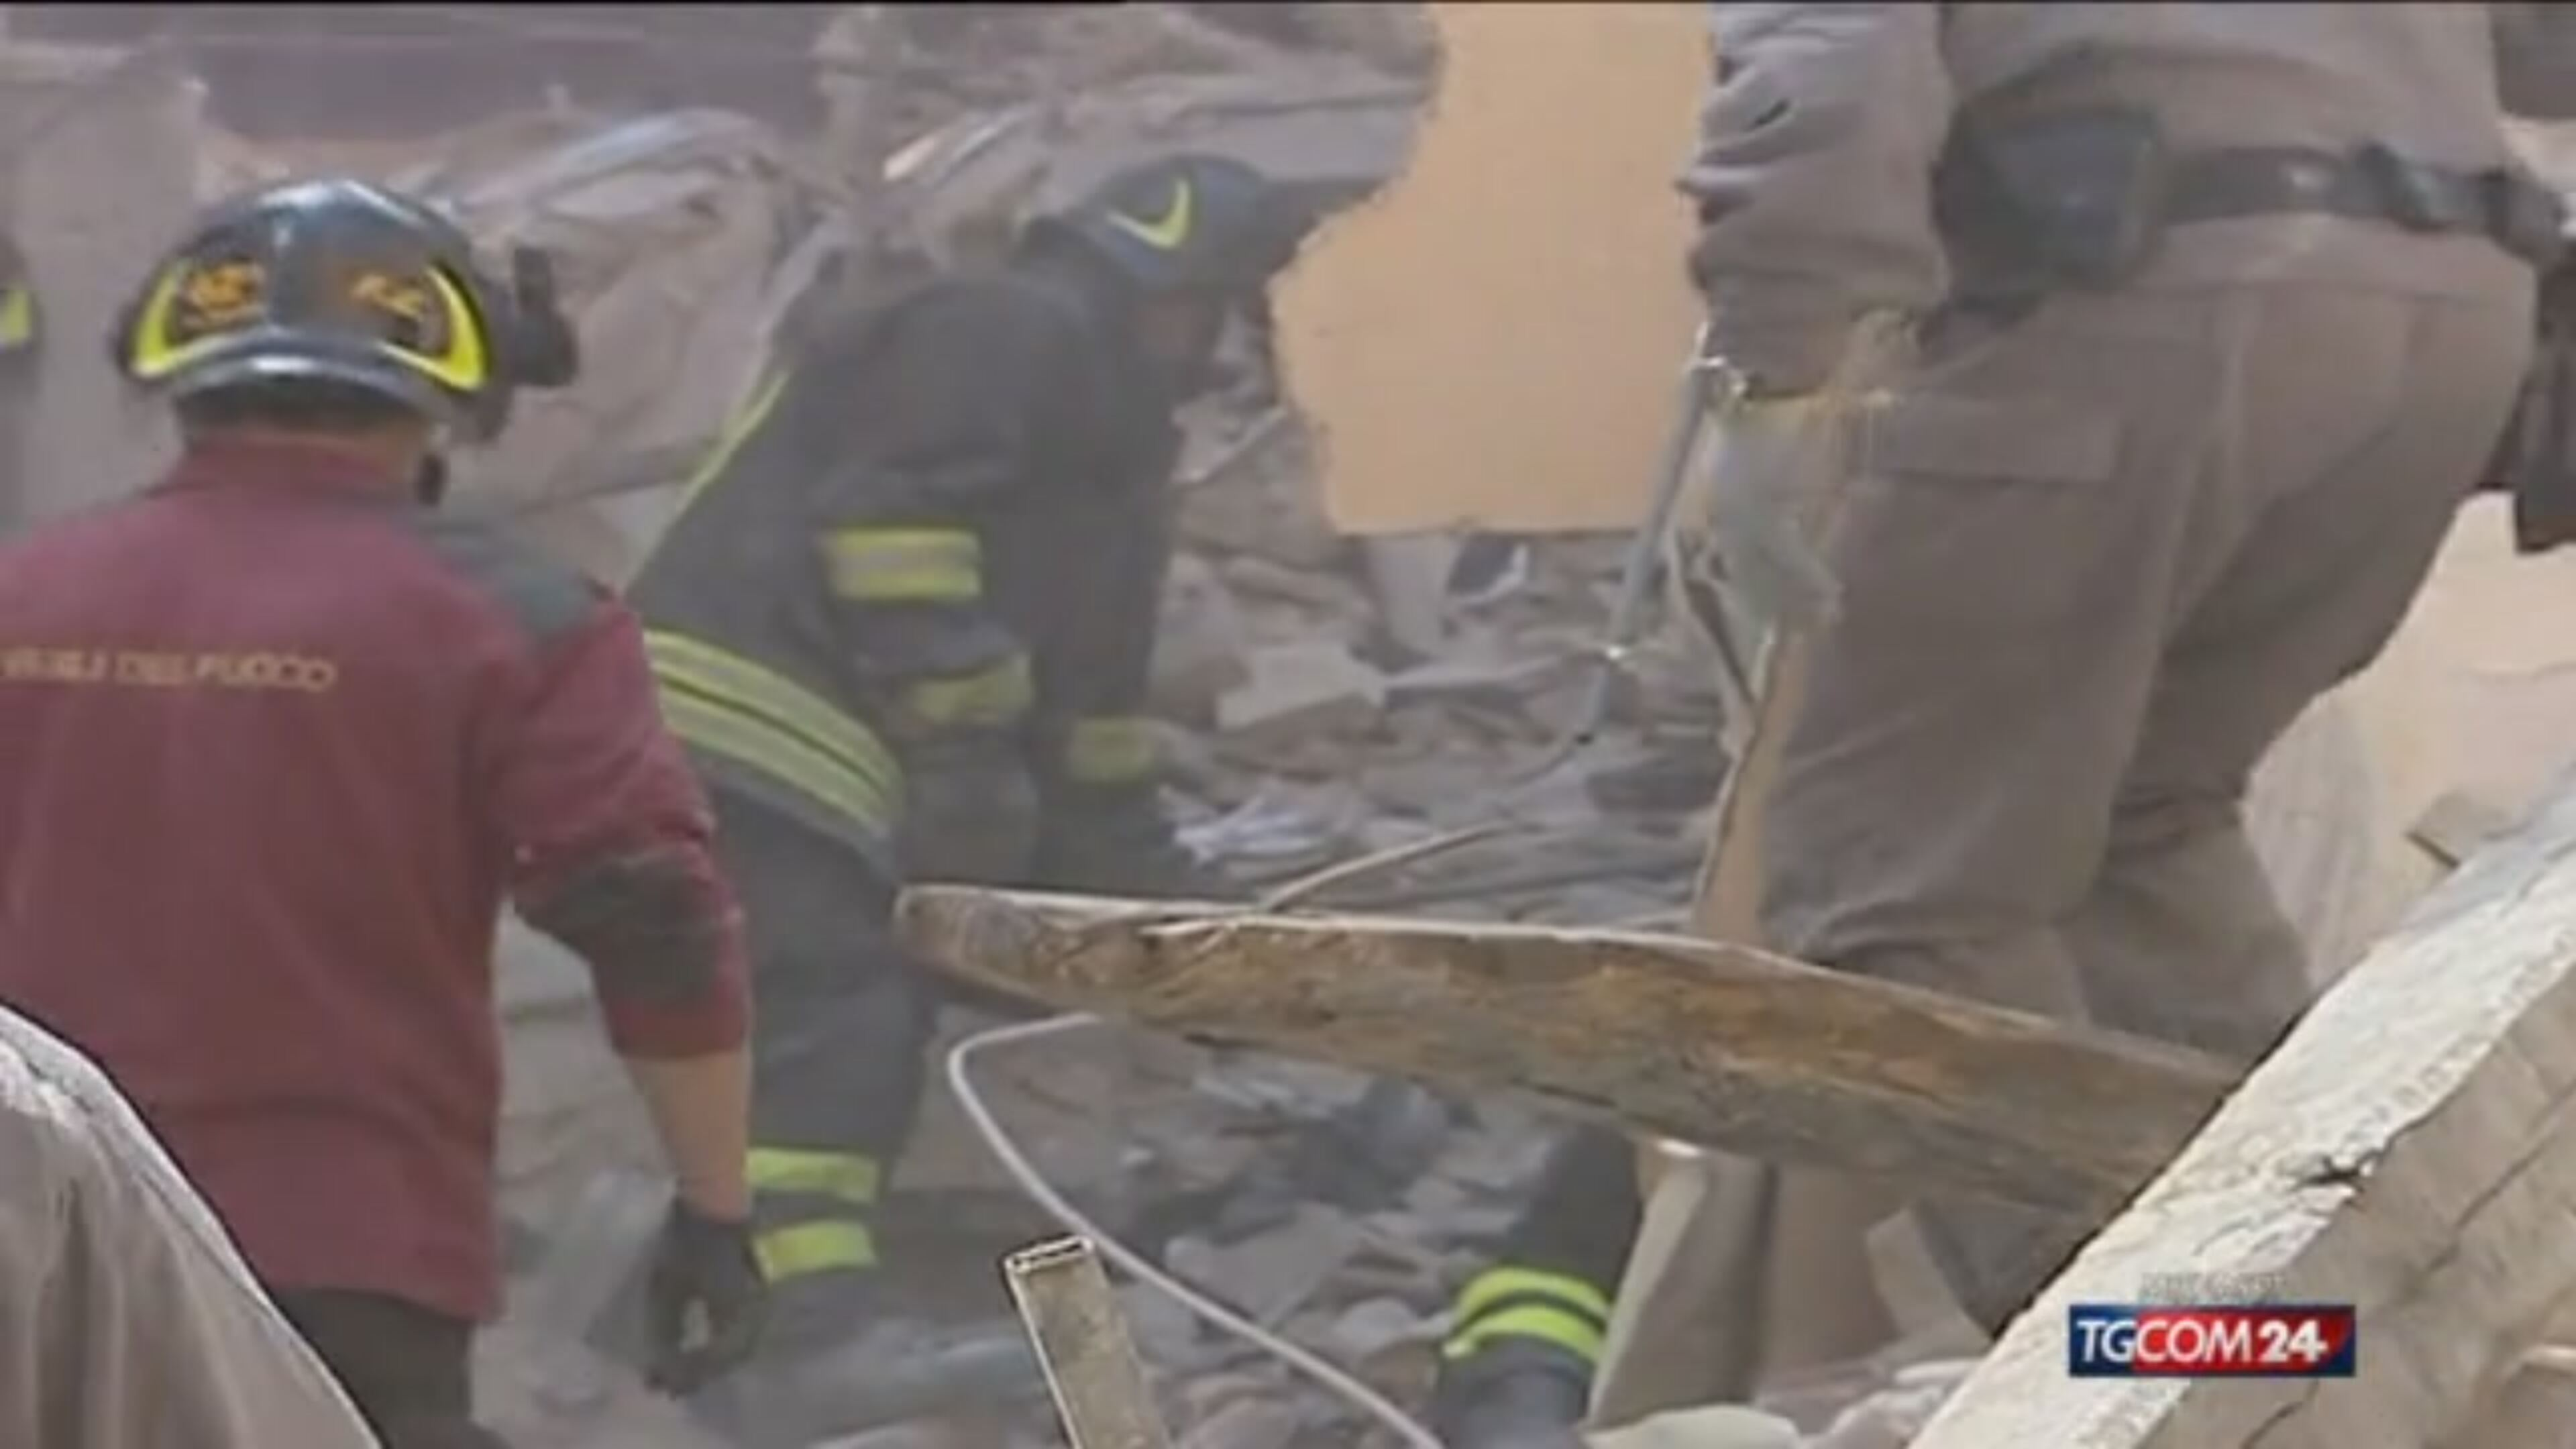 Ricostruzione post-terremoto, arresti a L'Aquila